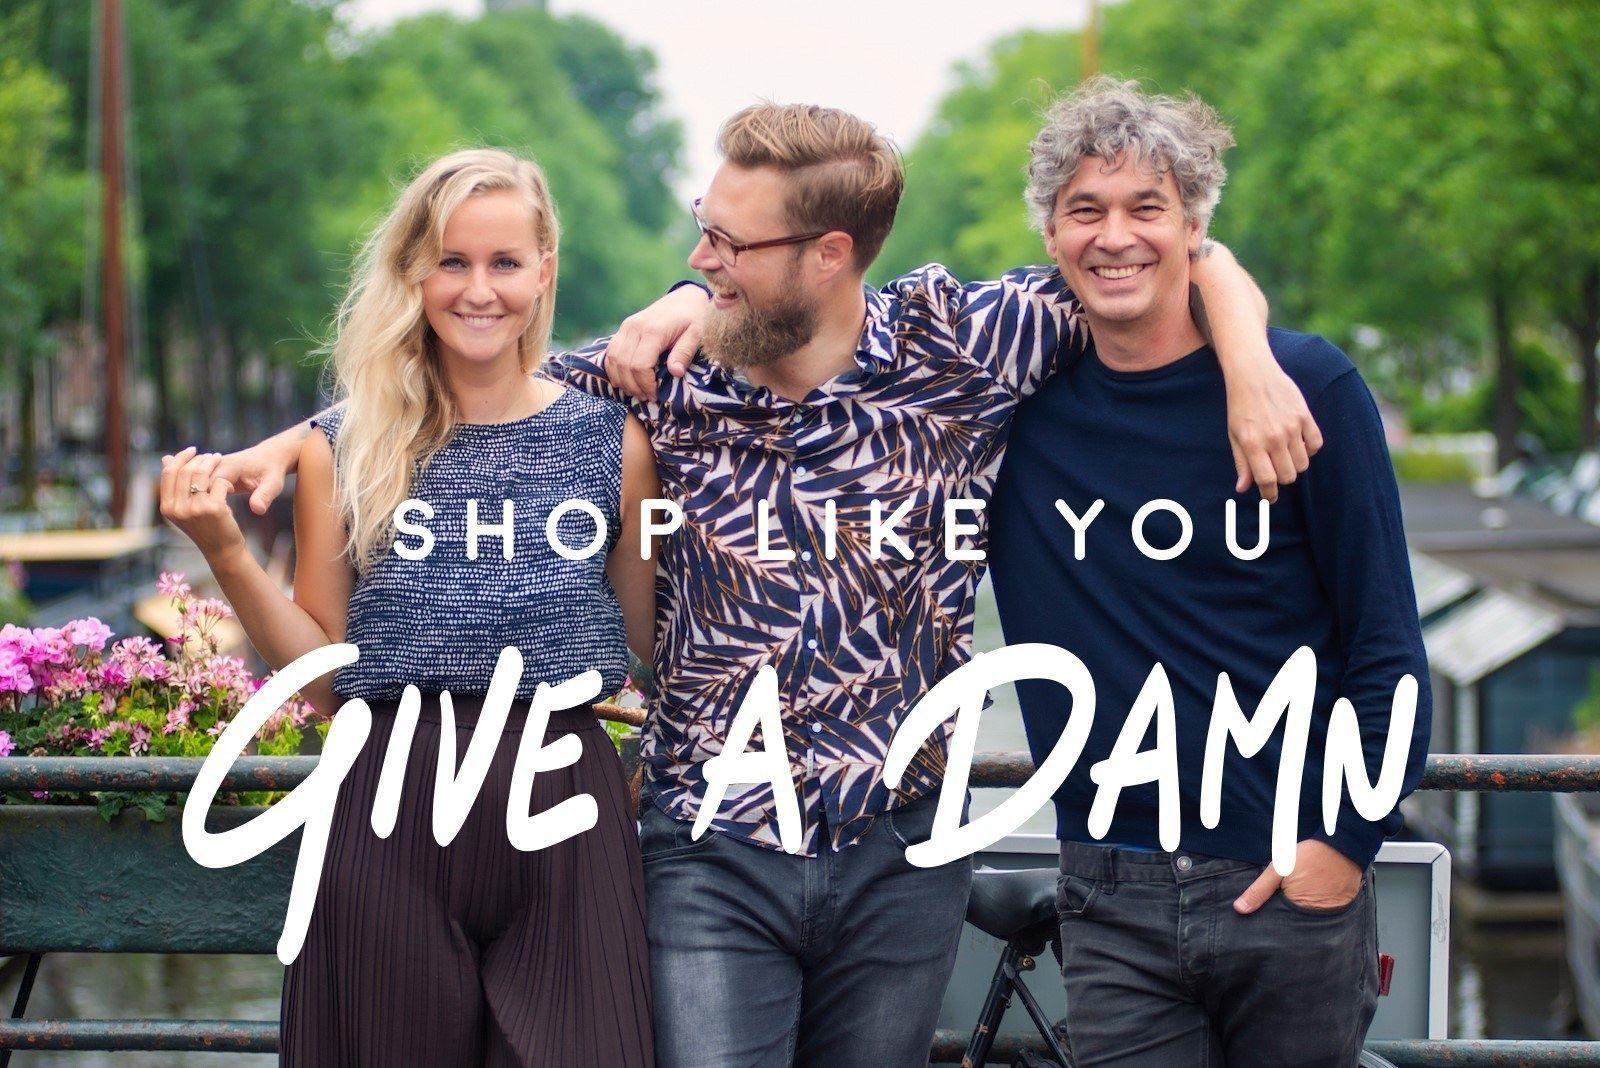 Shop Like You Give a Damn